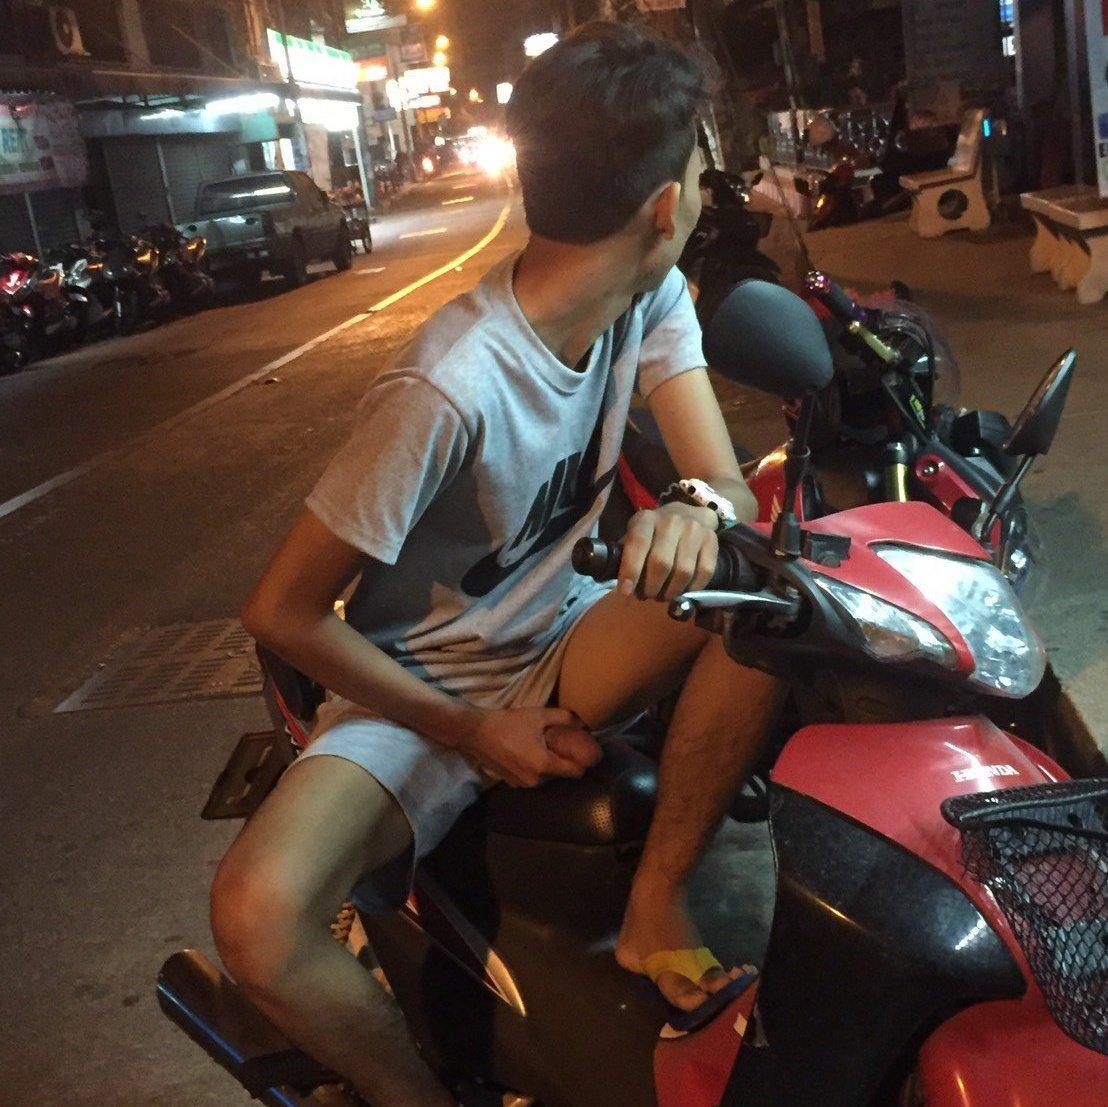 exhibe su verga en la moto